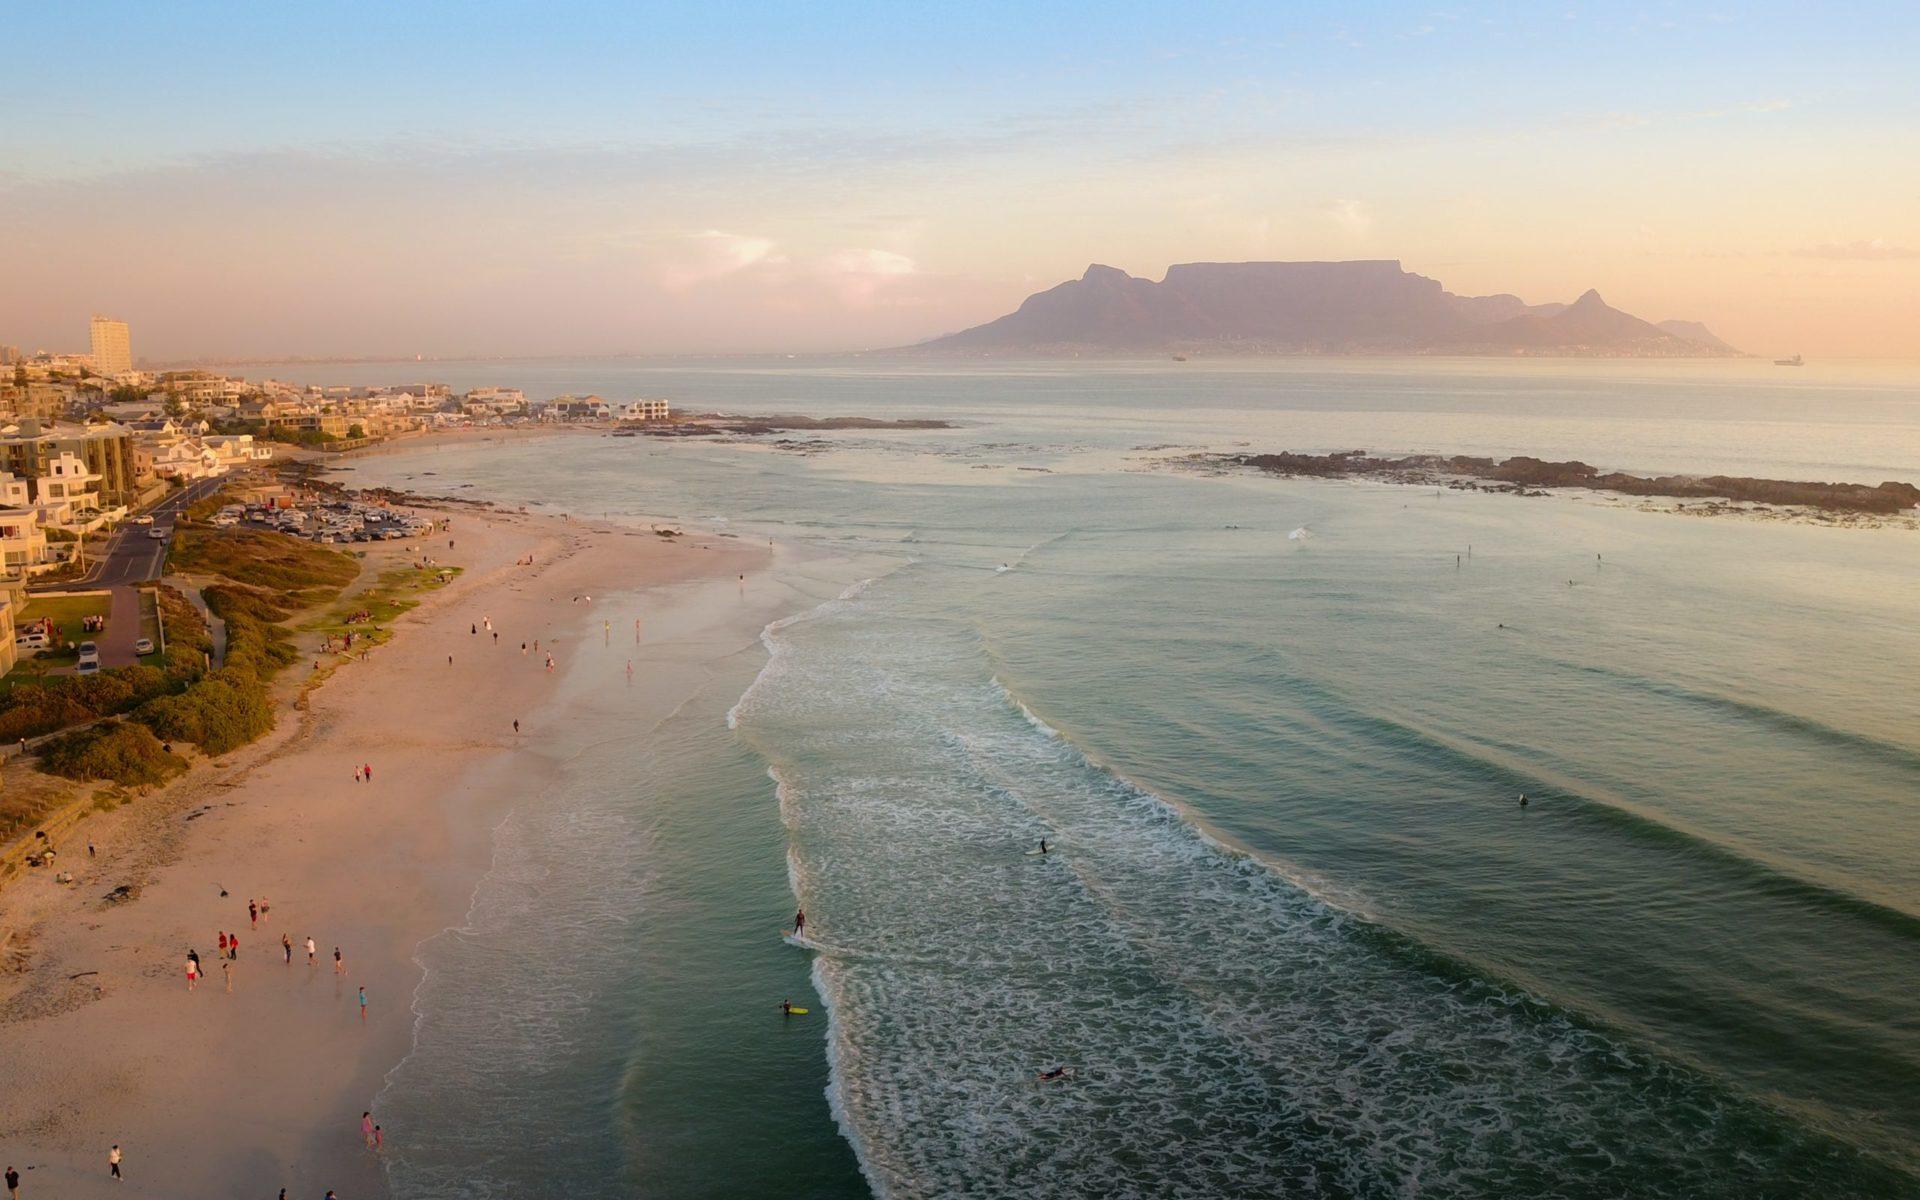 Wassertemperatur Südafrika: Blick aus der Luft vom Strand Big Bay Beach nach Süden auf Kapstadt und den Tafelberg bei Sonnenuntergang